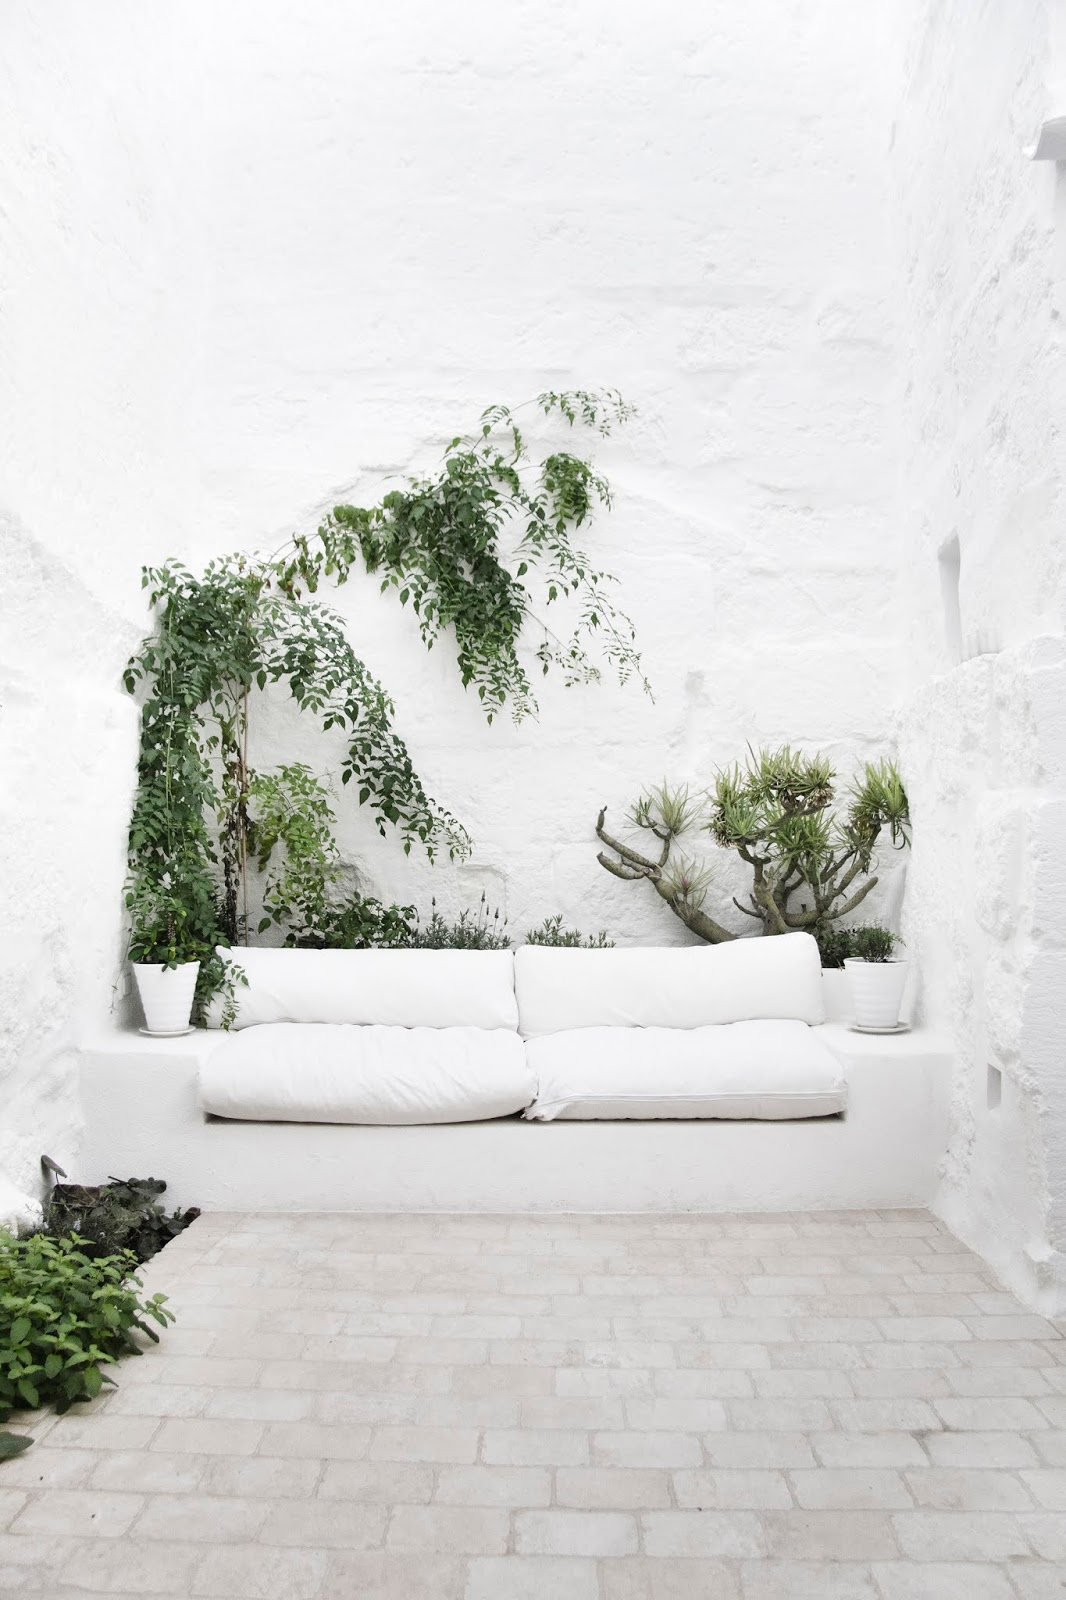 Patio blanco y muchas plantas verdes